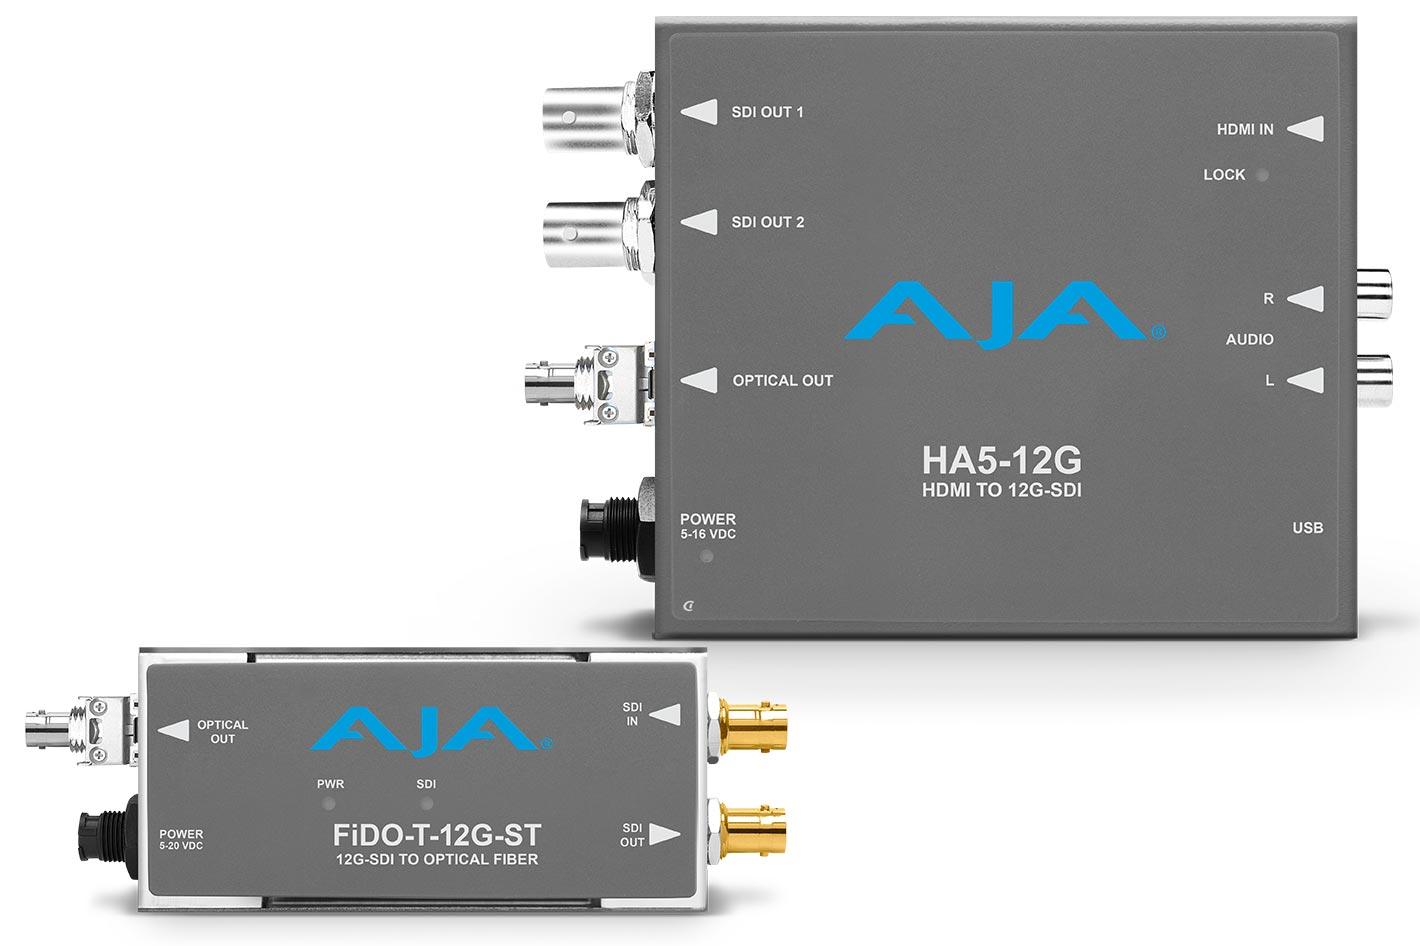 New AJA 12G-SDI Mini-Converters transfer 12G-SDI over long distance